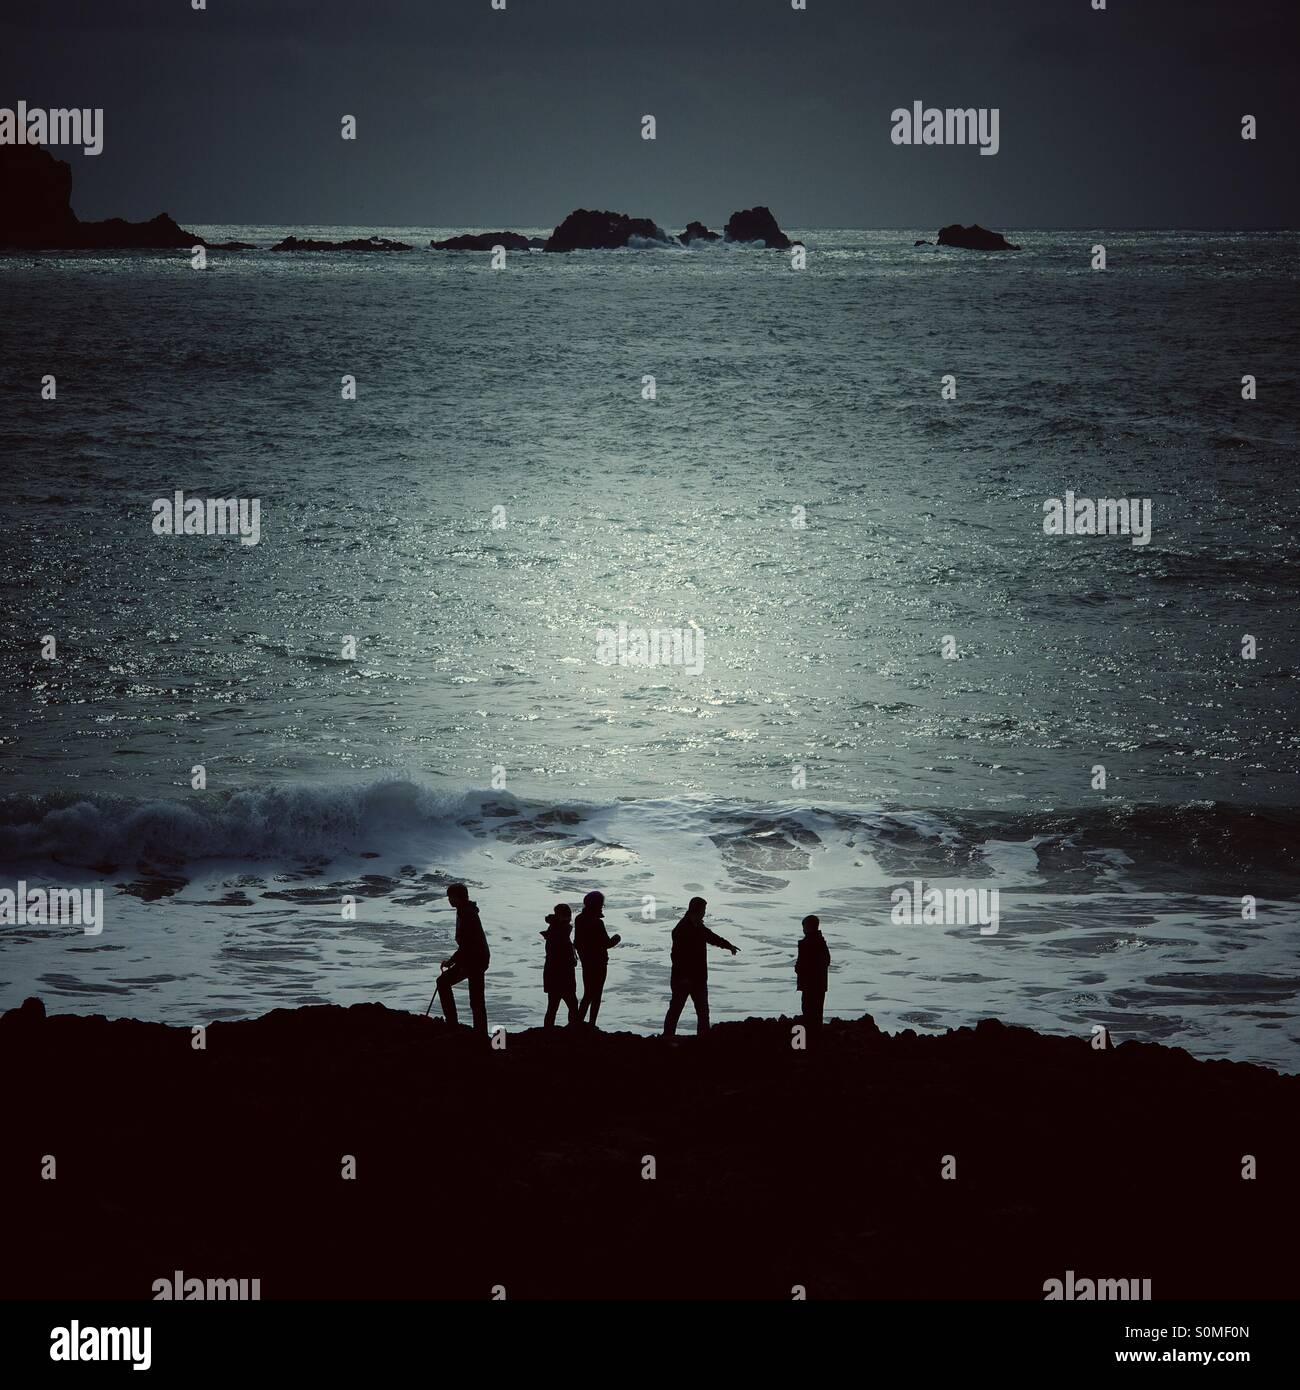 Fünf Silhouetten auf ein Abenteuer am Meer. Der Mondschein Ozean hinter ihnen. Stockbild